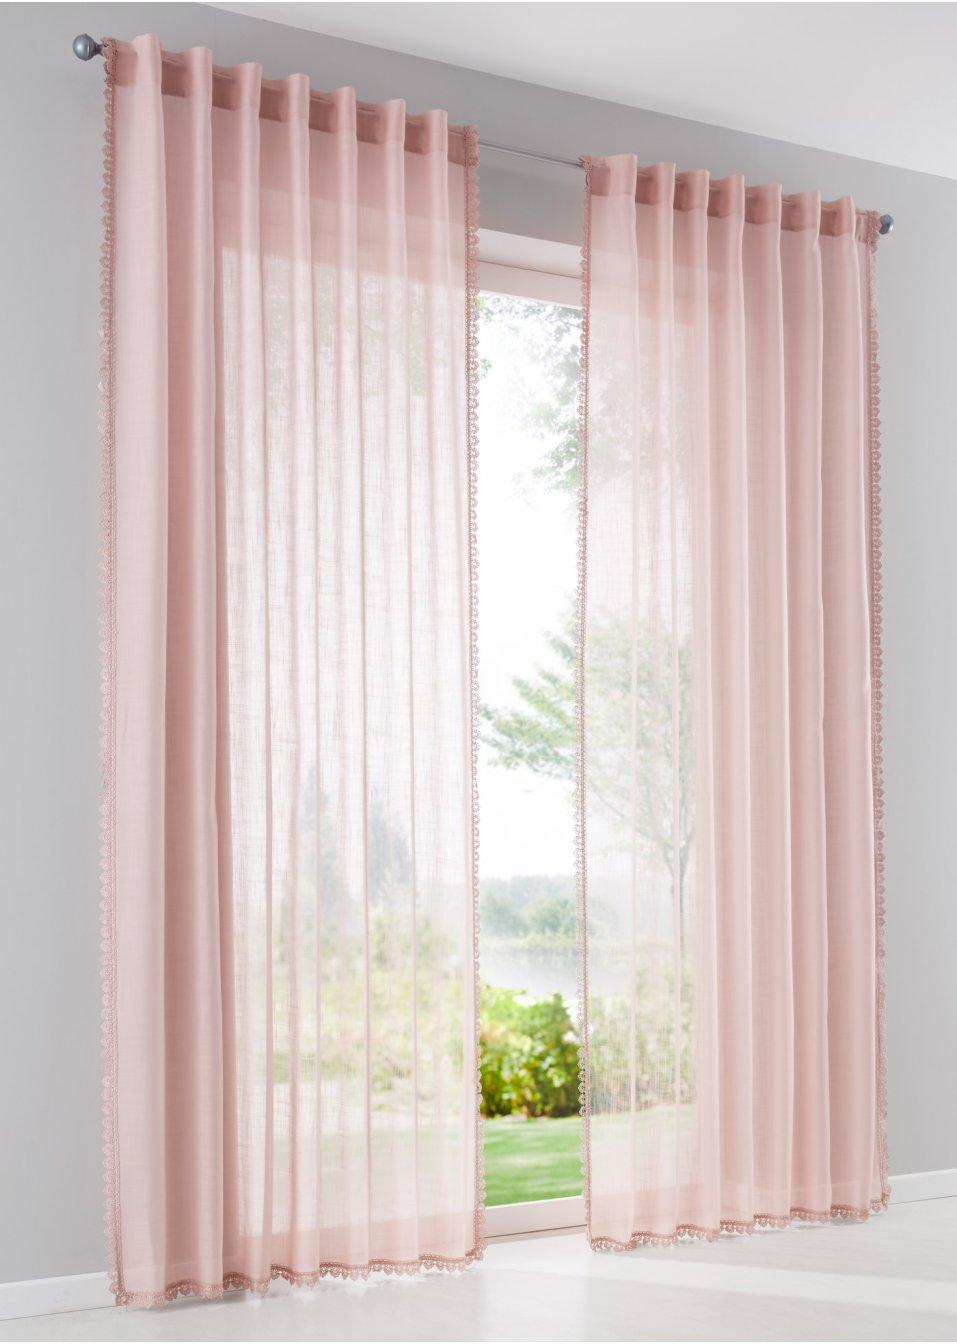 Vorhang diana 1er pack rosa bpc living - Bonprix vorhang ...